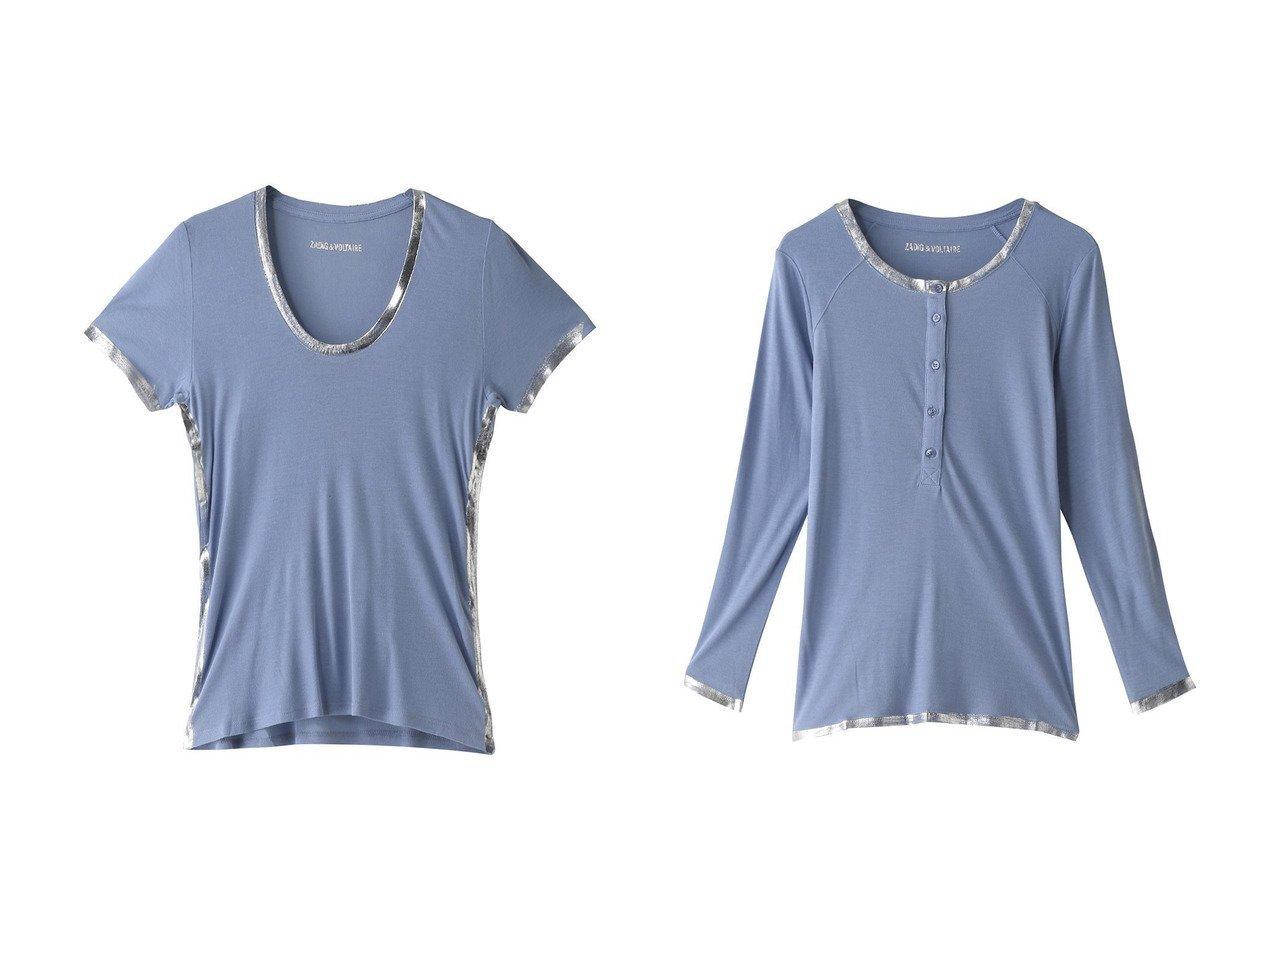 【ZADIG & VOLTAIRE/ザディグ エ ヴォルテール】のTINO FOIL T-SHIRT MODAL Tシャツ&CHLO FOIL T-SHIRT MODAL ML Tシャツ 【トップス・カットソー】おすすめ!人気トレンド・レディースファッションの通販  おすすめで人気の流行・トレンド、ファッションの通販商品 メンズファッション・キッズファッション・インテリア・家具・レディースファッション・服の通販 founy(ファニー) https://founy.com/ ファッション Fashion レディースファッション WOMEN トップス・カットソー Tops/Tshirt シャツ/ブラウス Shirts/Blouses ロング / Tシャツ T-Shirts カットソー Cut and Sewn カットソー コンパクト シルバー スリーブ フィット メタリック ロング 長袖 ショート 半袖 |ID:crp329100000029737